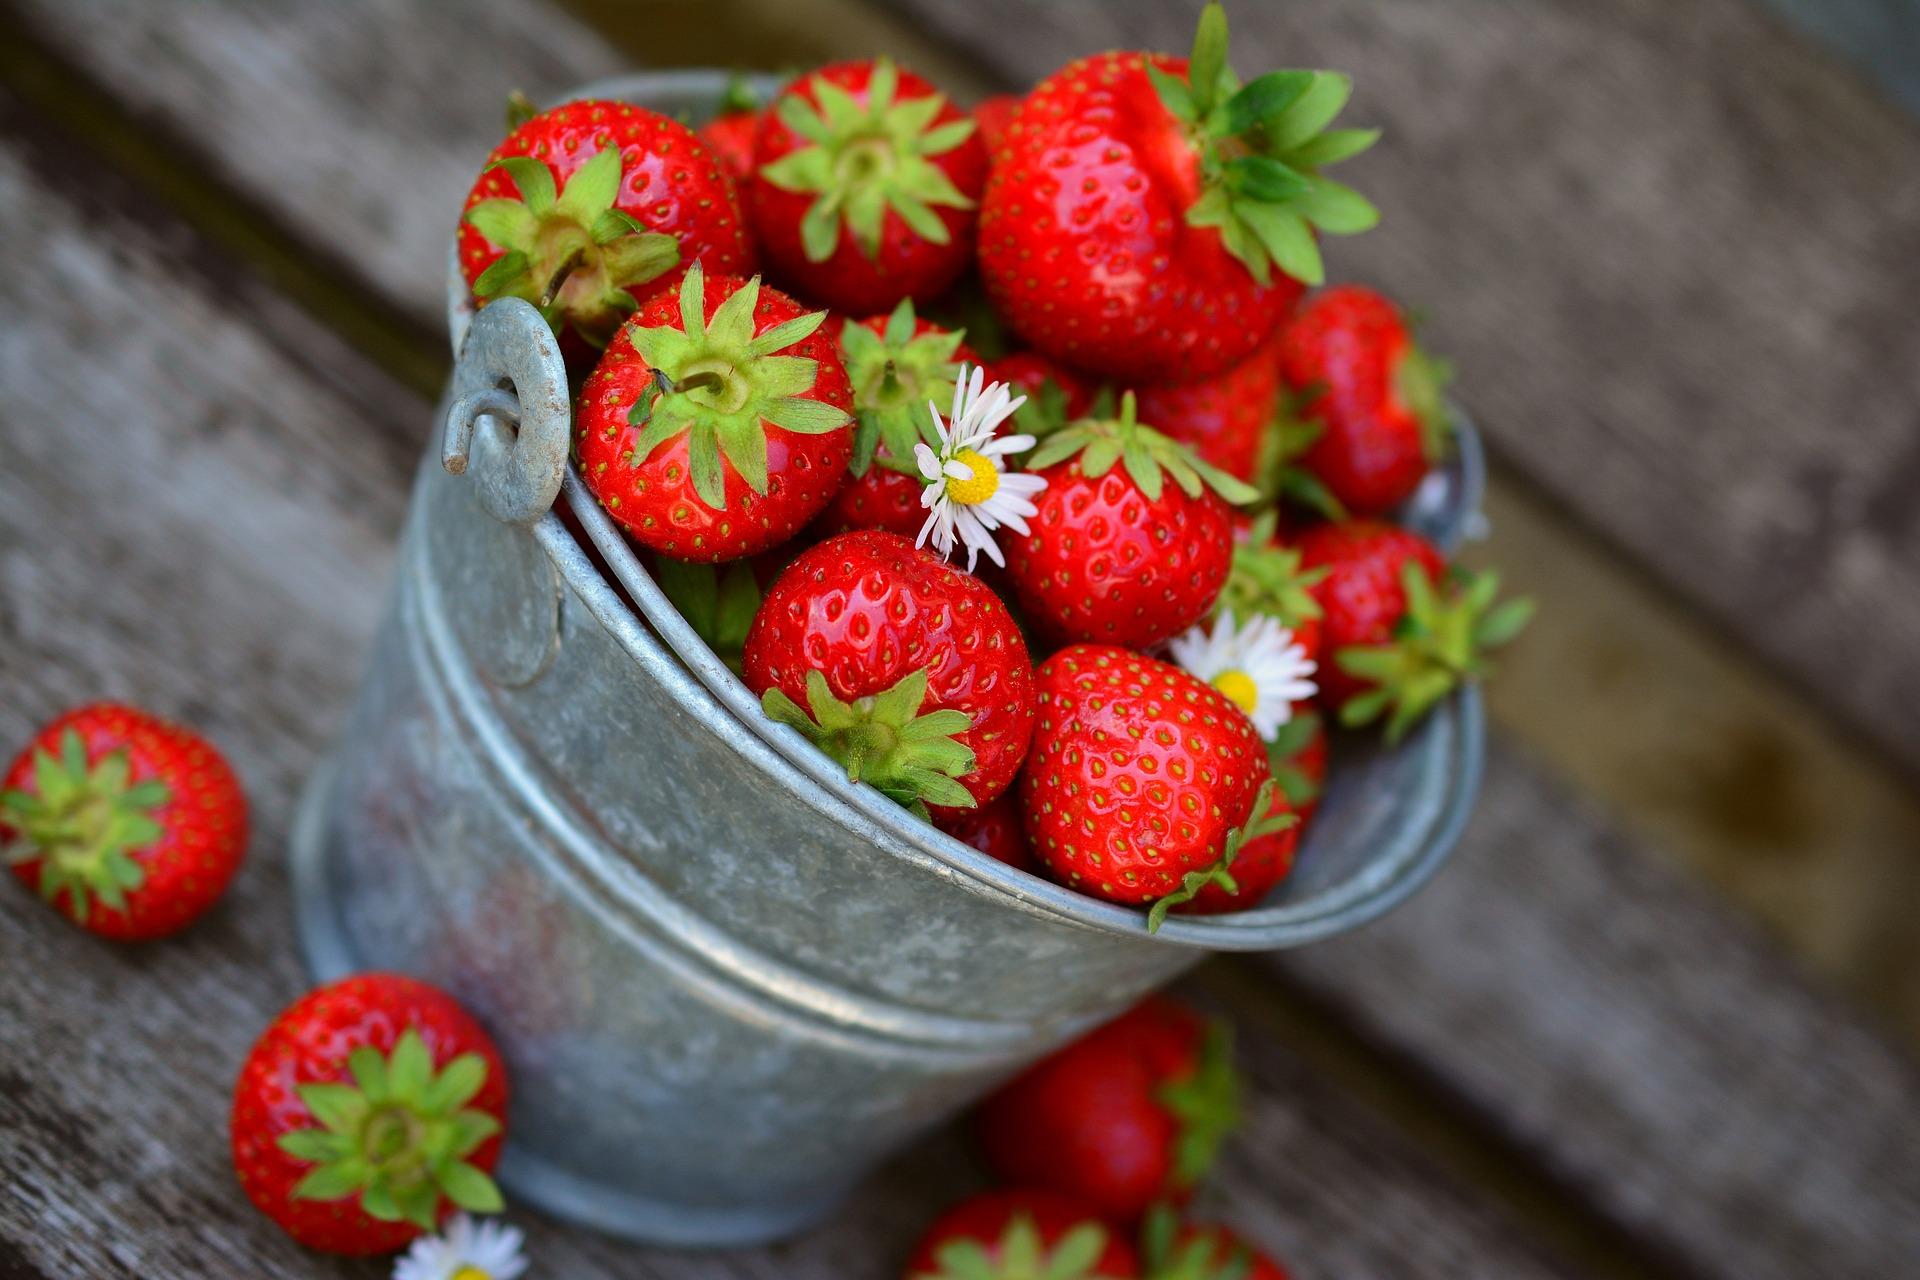 eesti-veini-ja-toidu-sobitamine-mamm&frukt-pärnu-veinimaja-rosé-vein-maasikas-ebaküdooniaga-maasikad-ämbris